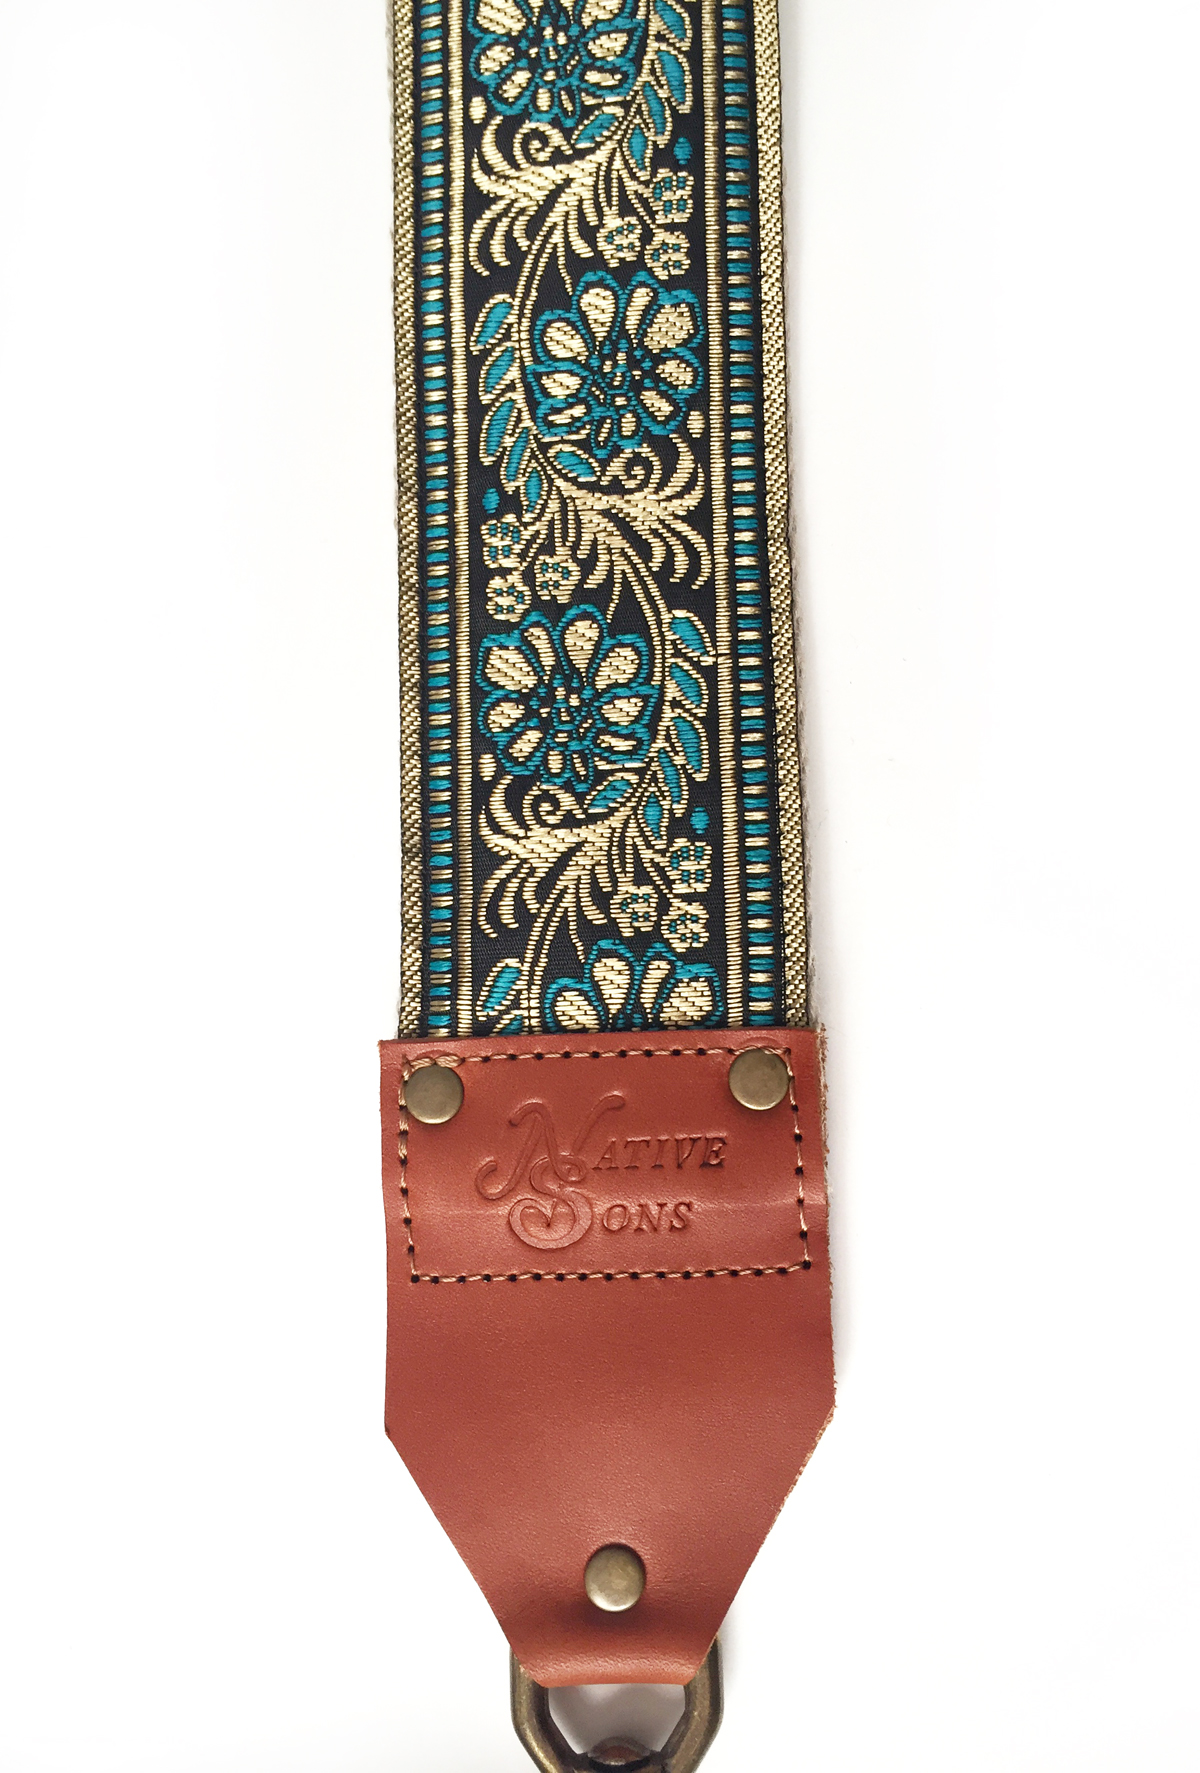 Handbag strap accessory for handbag shoulder handbag strap stars strap stars guitar strap rainbow guitar strap inspired designer bag strap